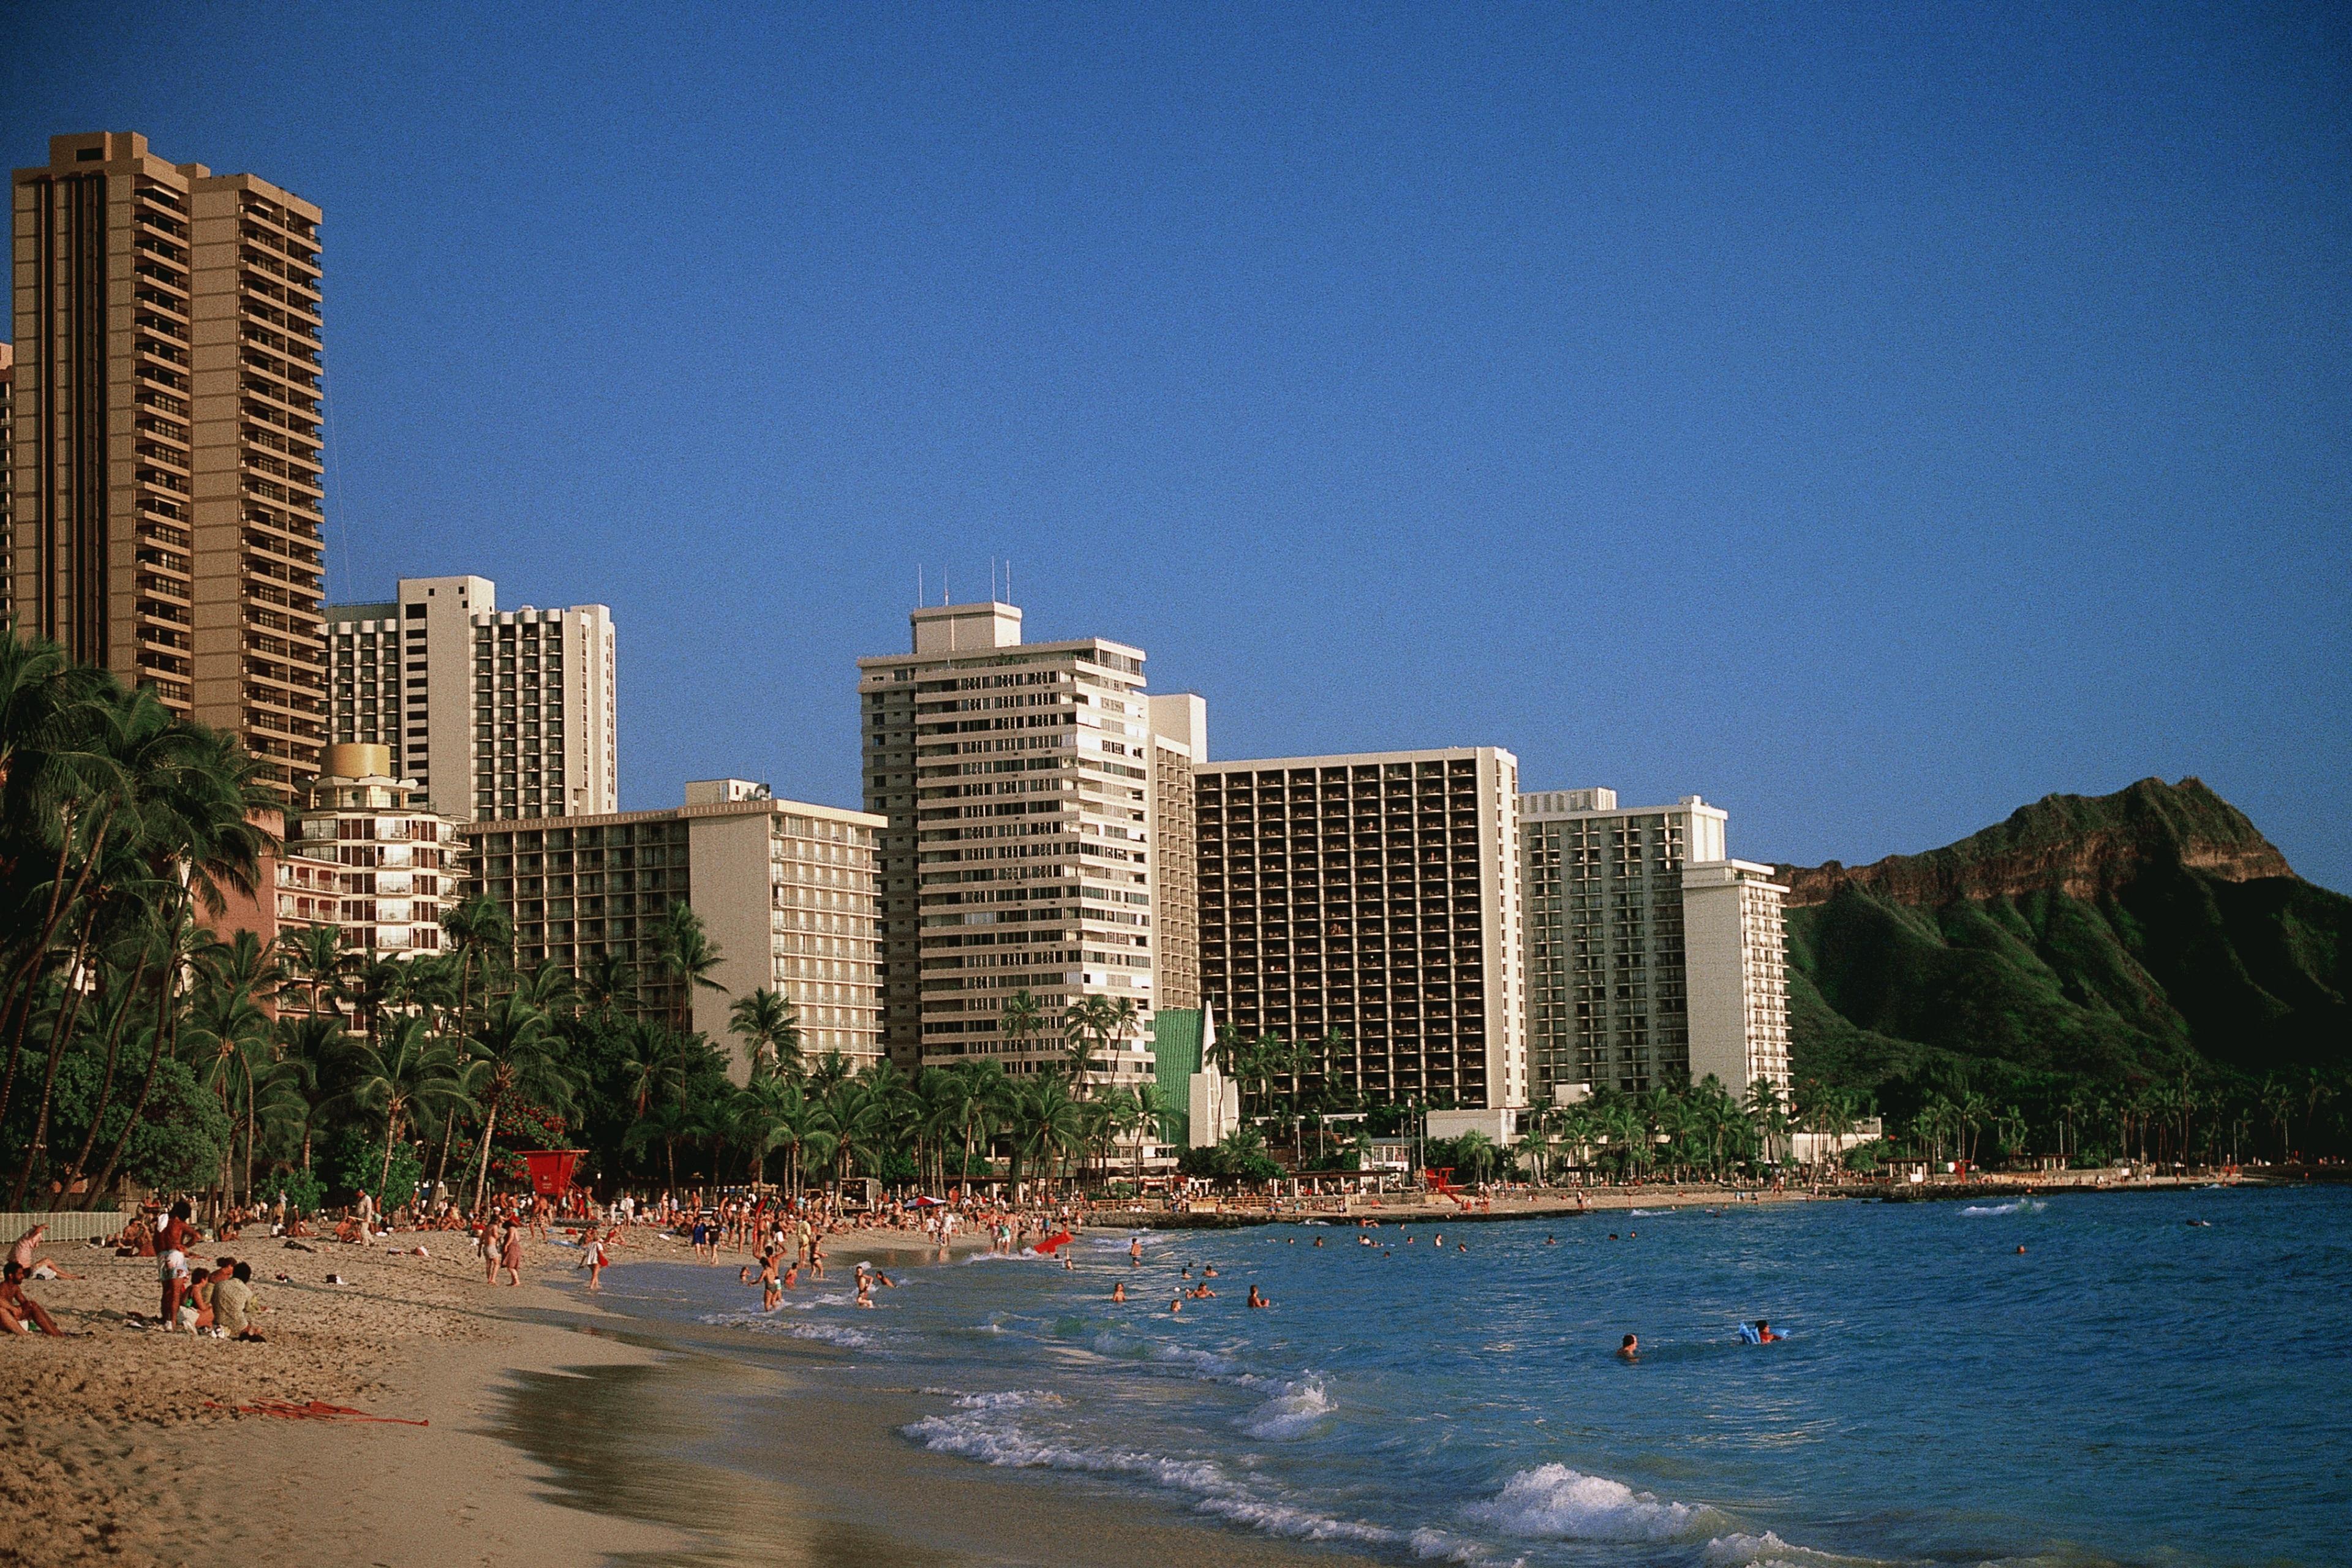 Kaimuki, Honolulu, Hawaii, United States of America